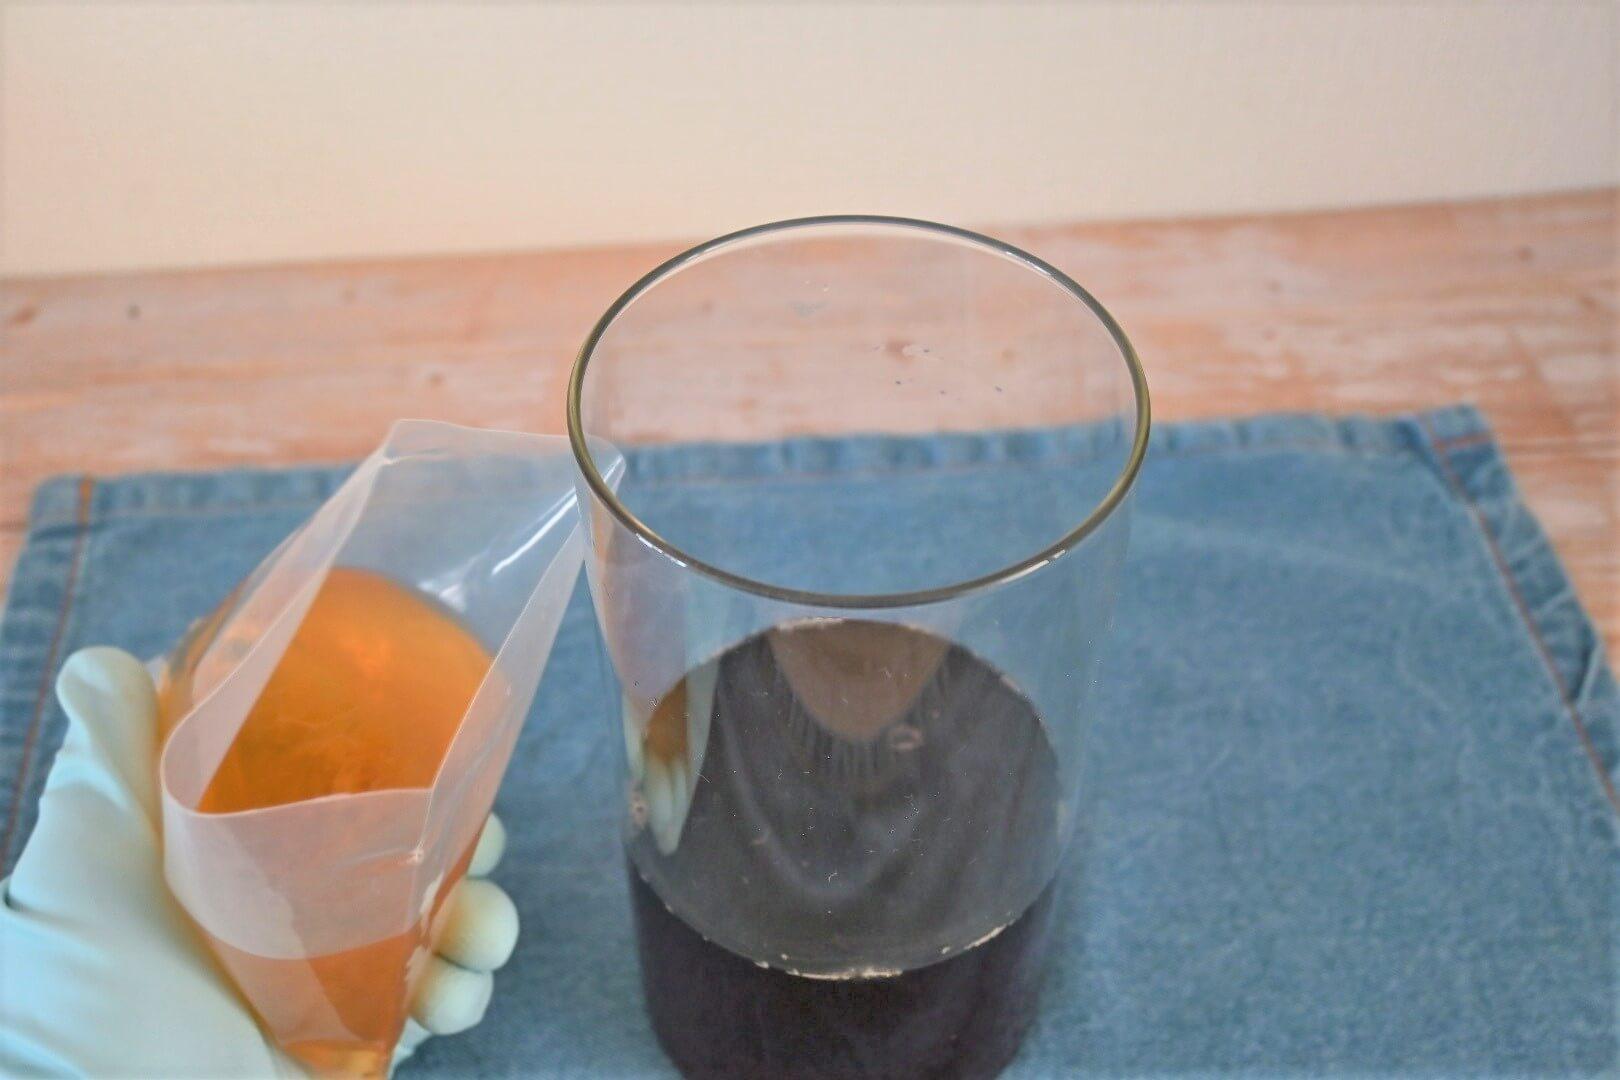 紅茶が入った瓶と種菌を持った手